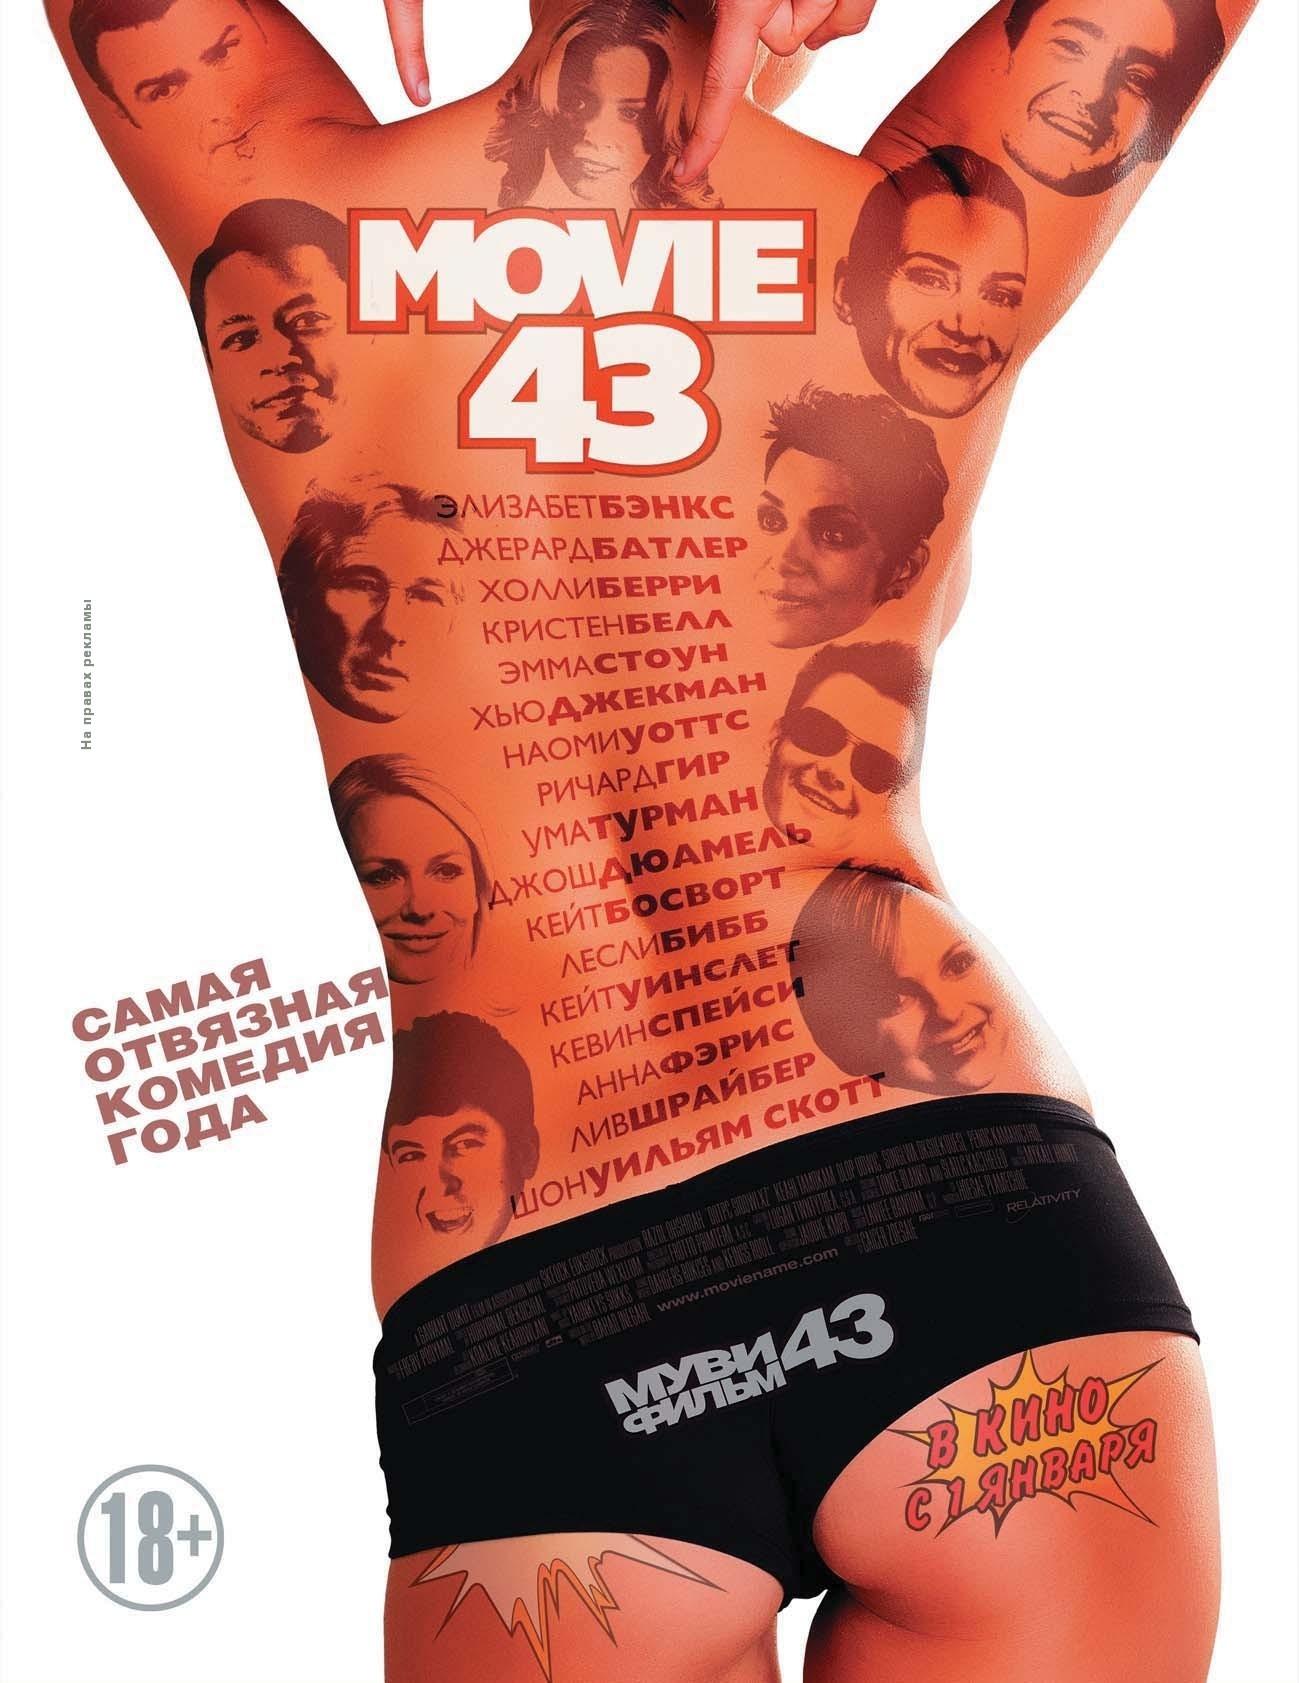 Movie 43 - Movie Poster #2 (Original)